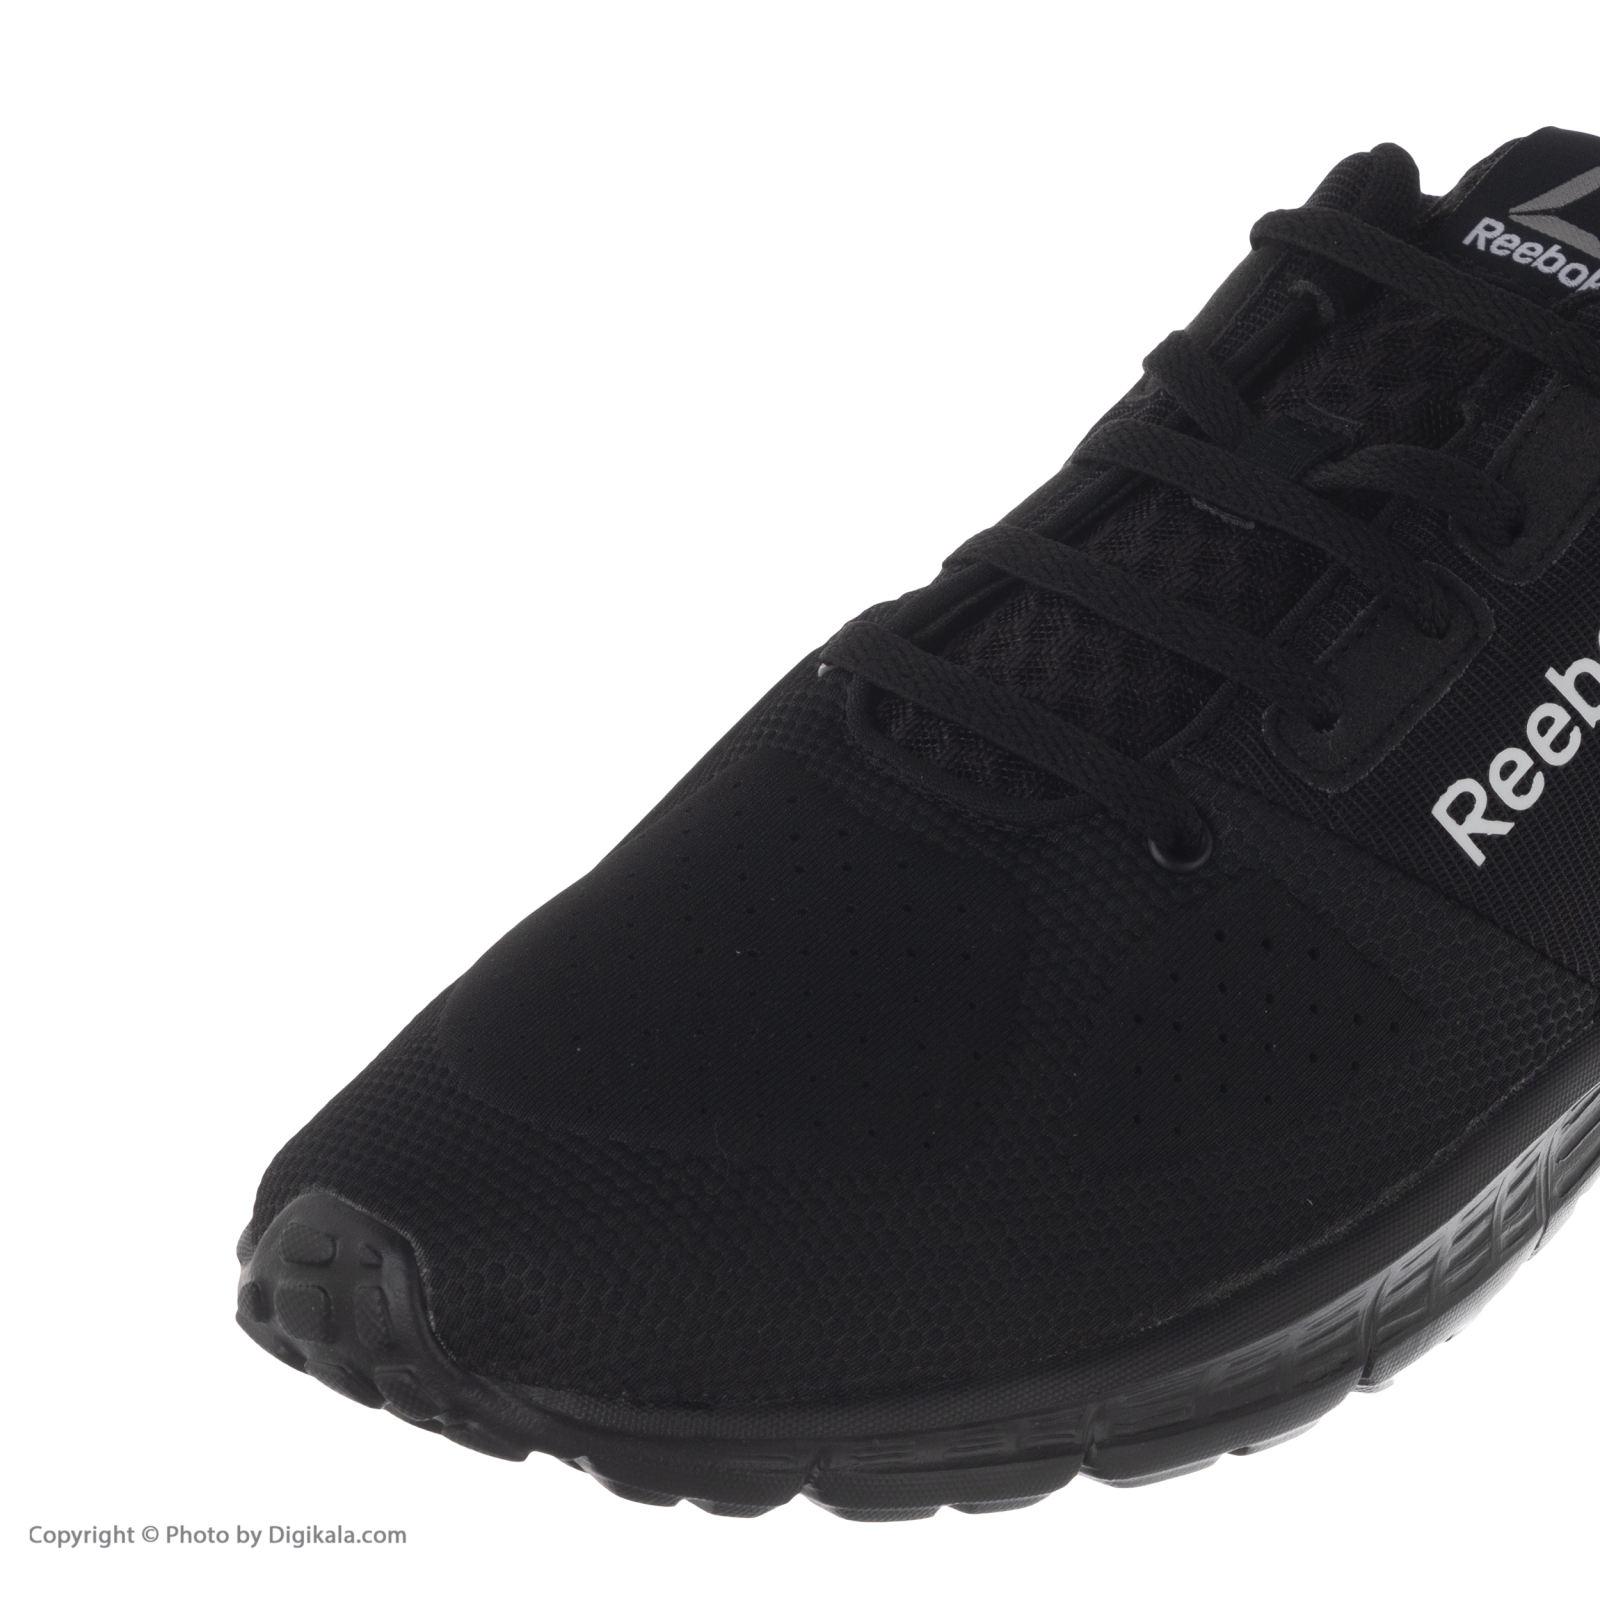 کفش مخصوص دویدن مردانه ریباک مدل Aim mt -  - 3